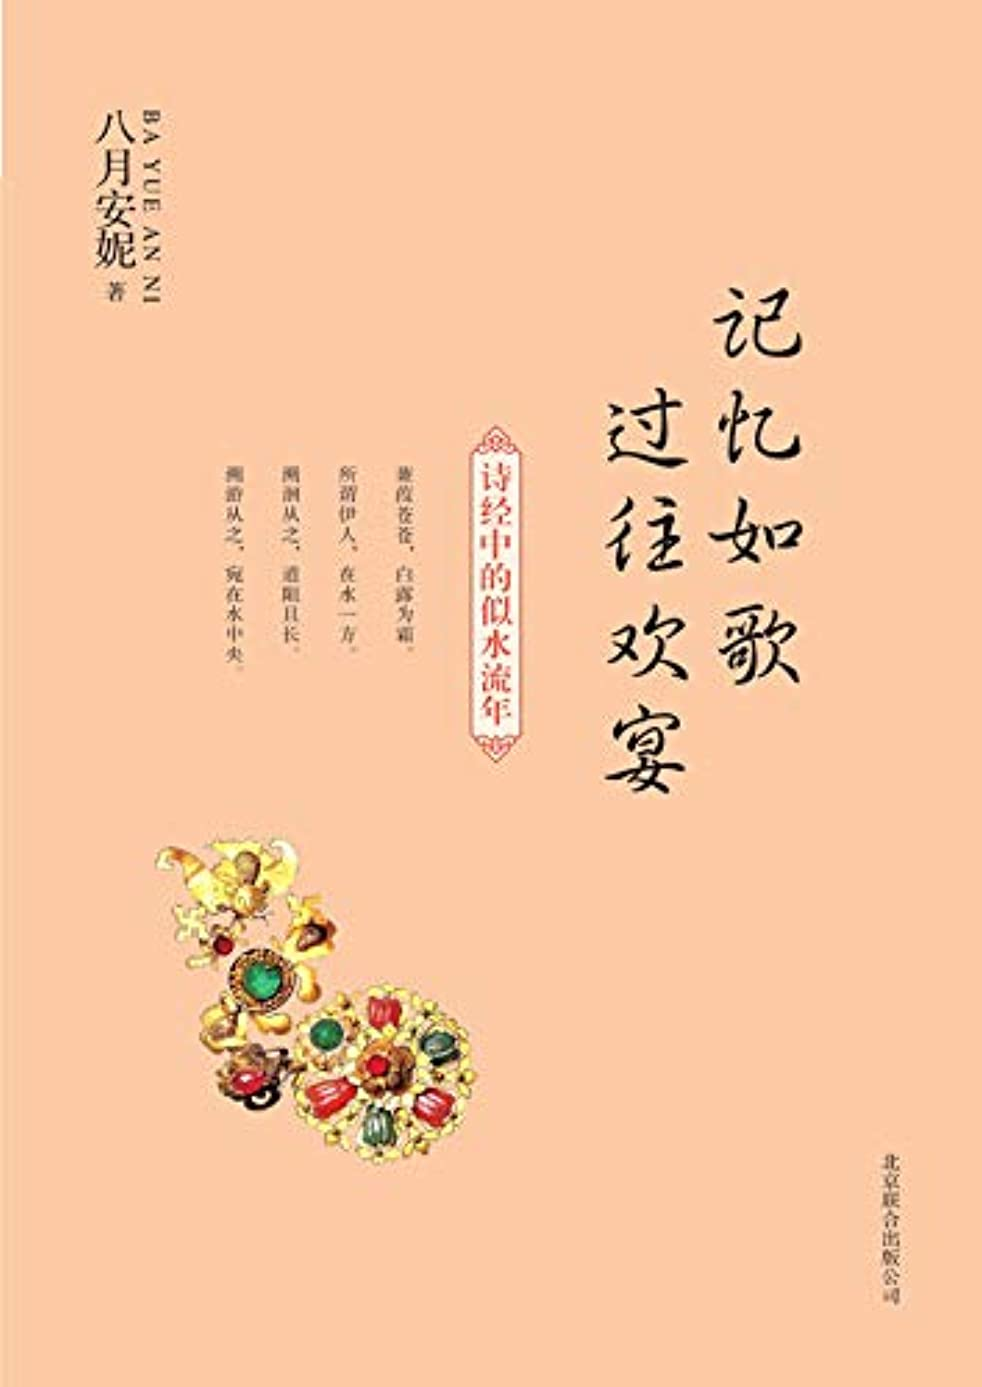 ボート風味重大记忆如歌 过往欢宴:诗经中的似水流年 (Chinese Edition)